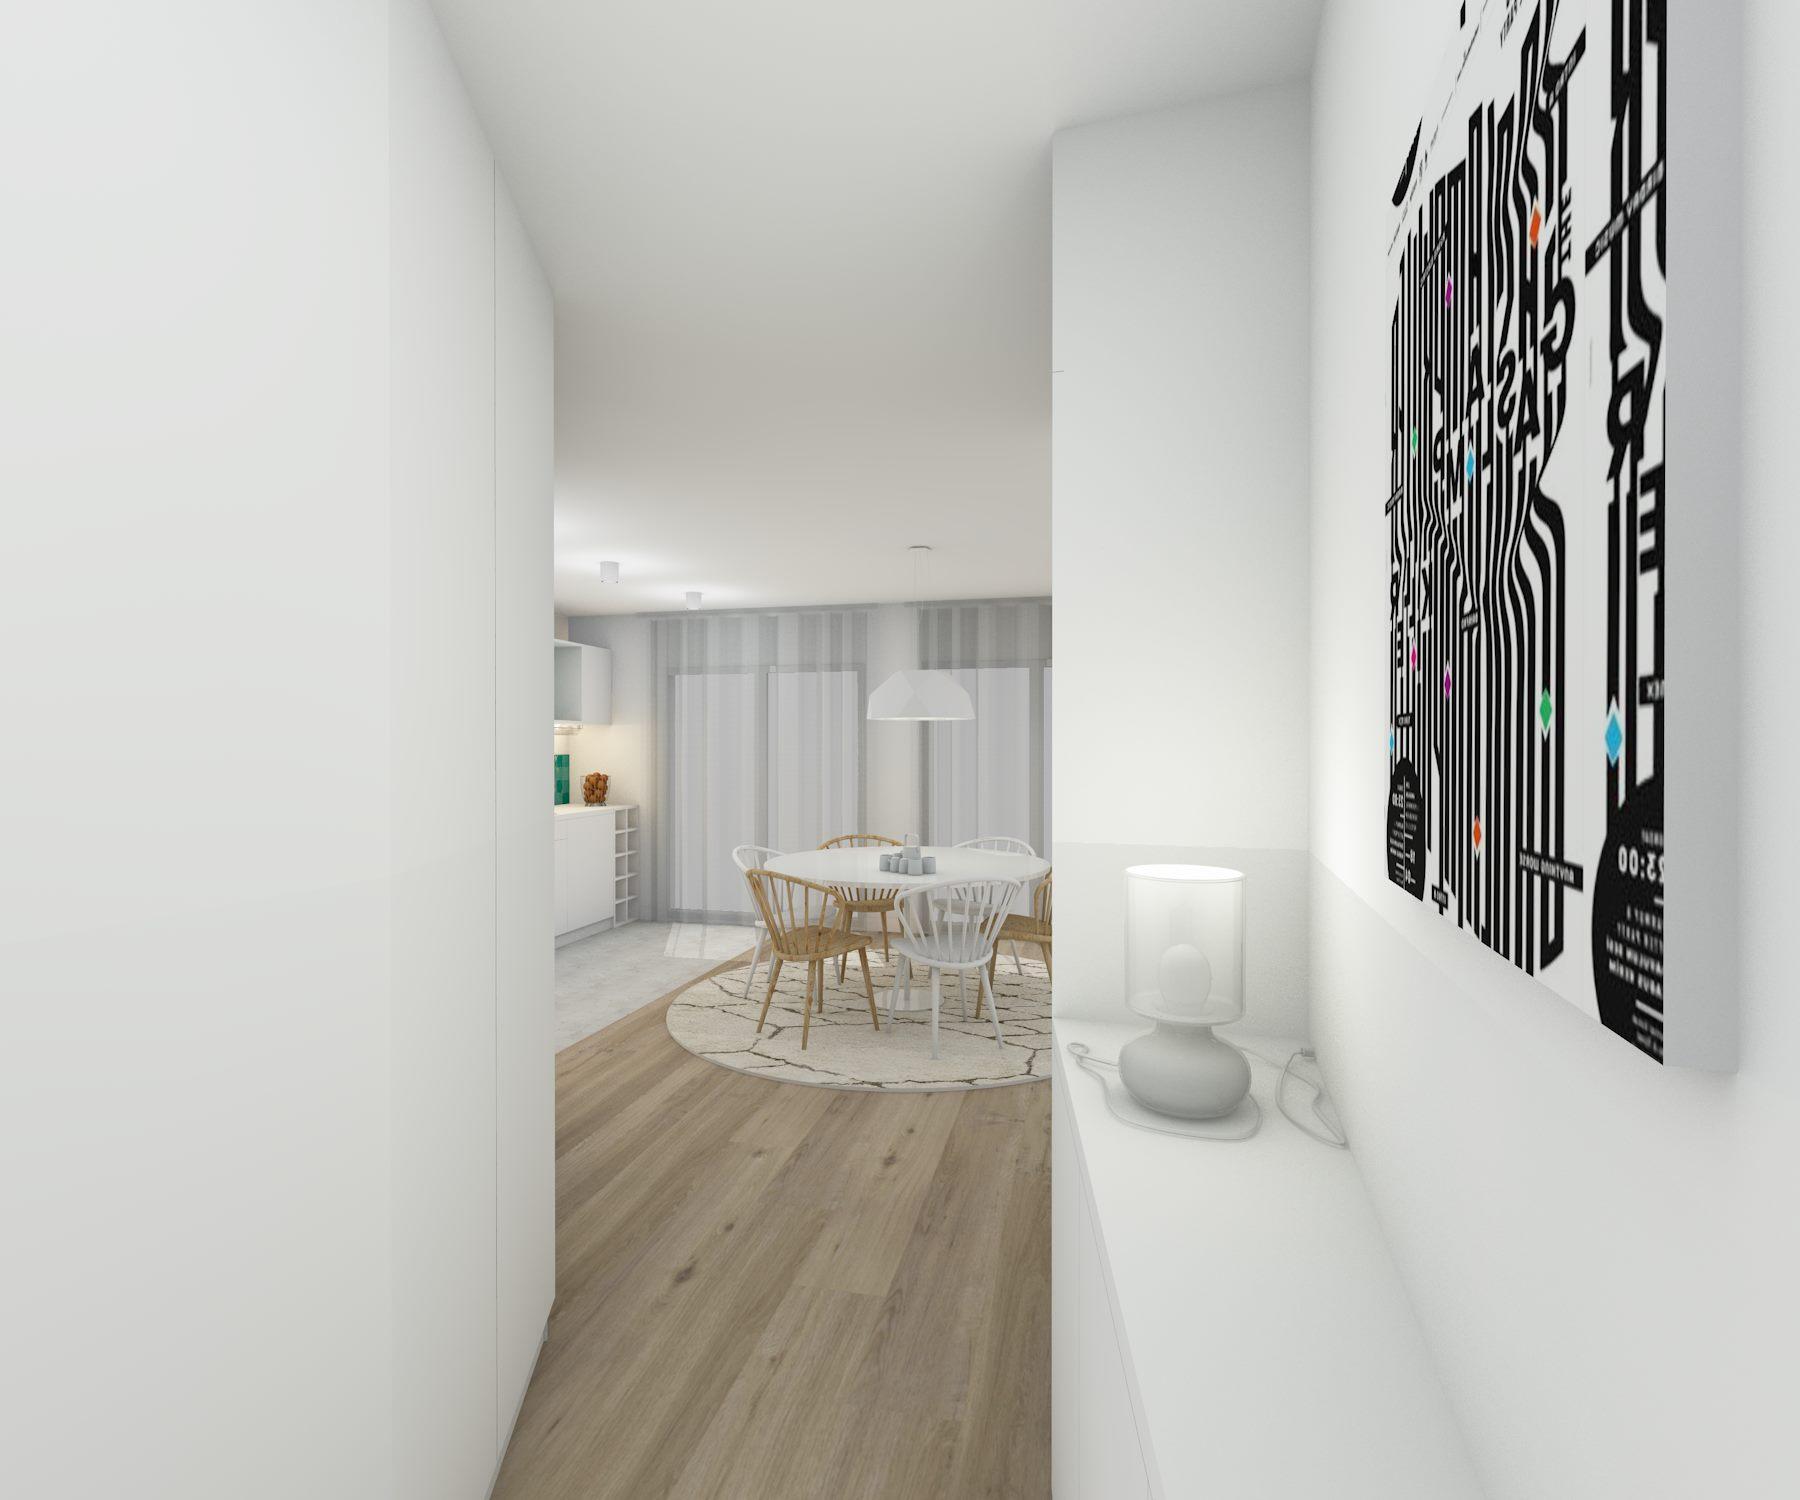 Architecte Interieur Paris 18 paris 18 /etude 2 | em-architecte